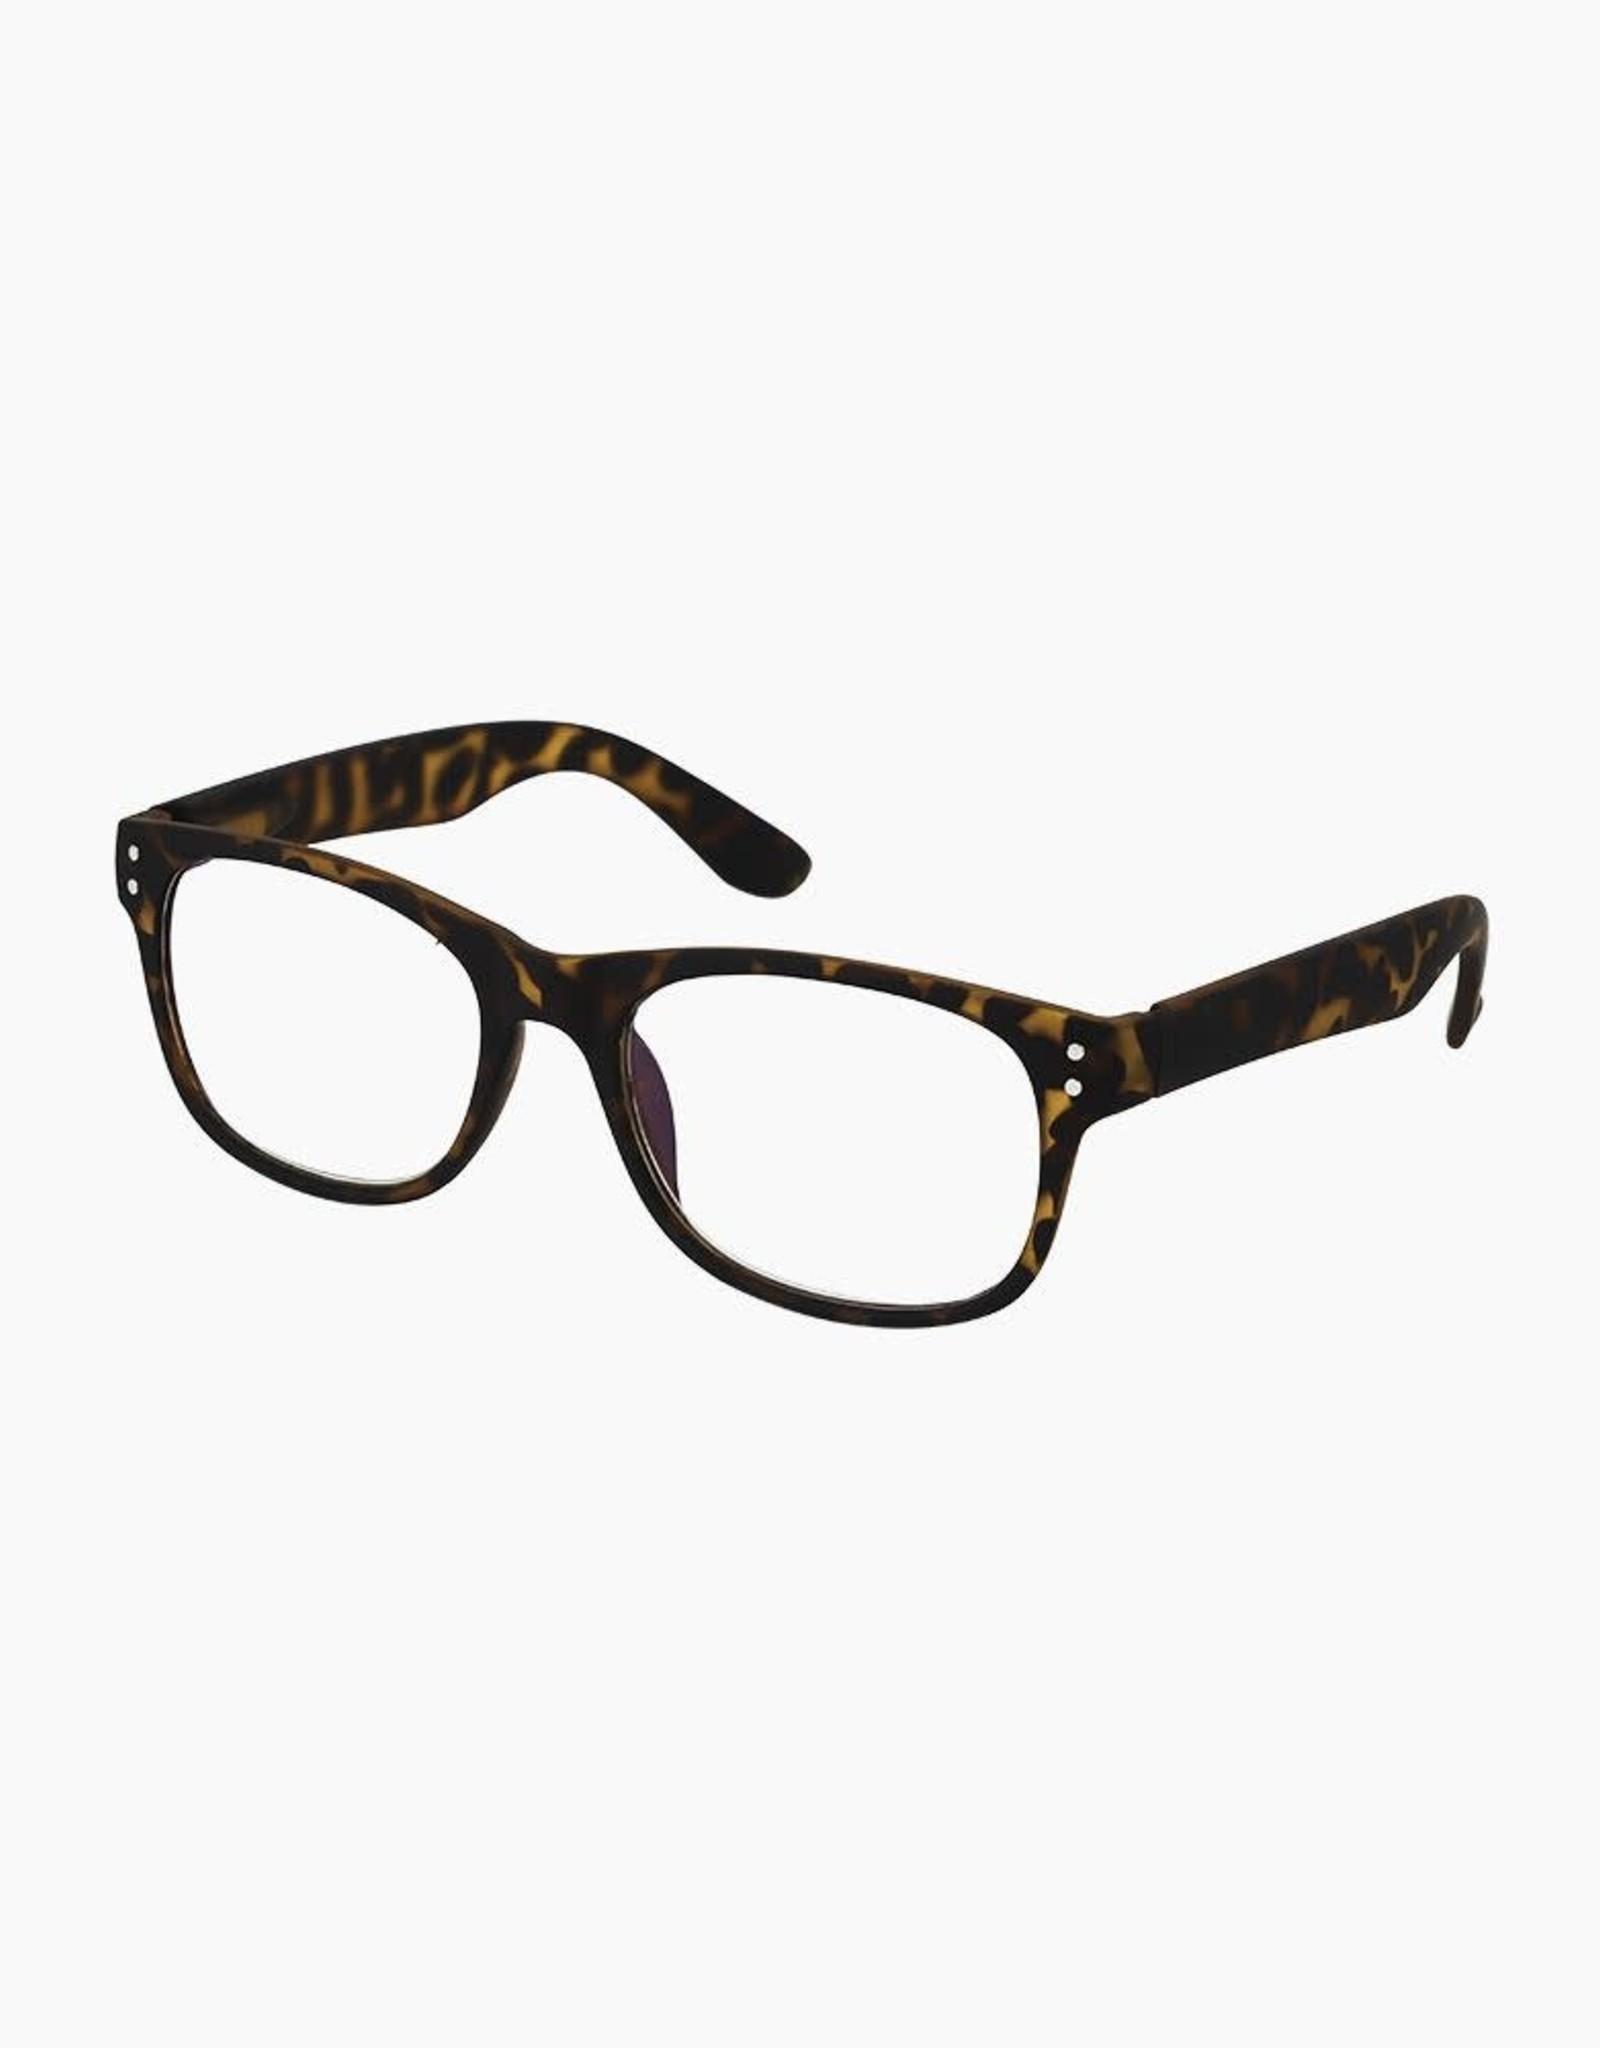 - Uptown Tortoise Blue Light Glasses